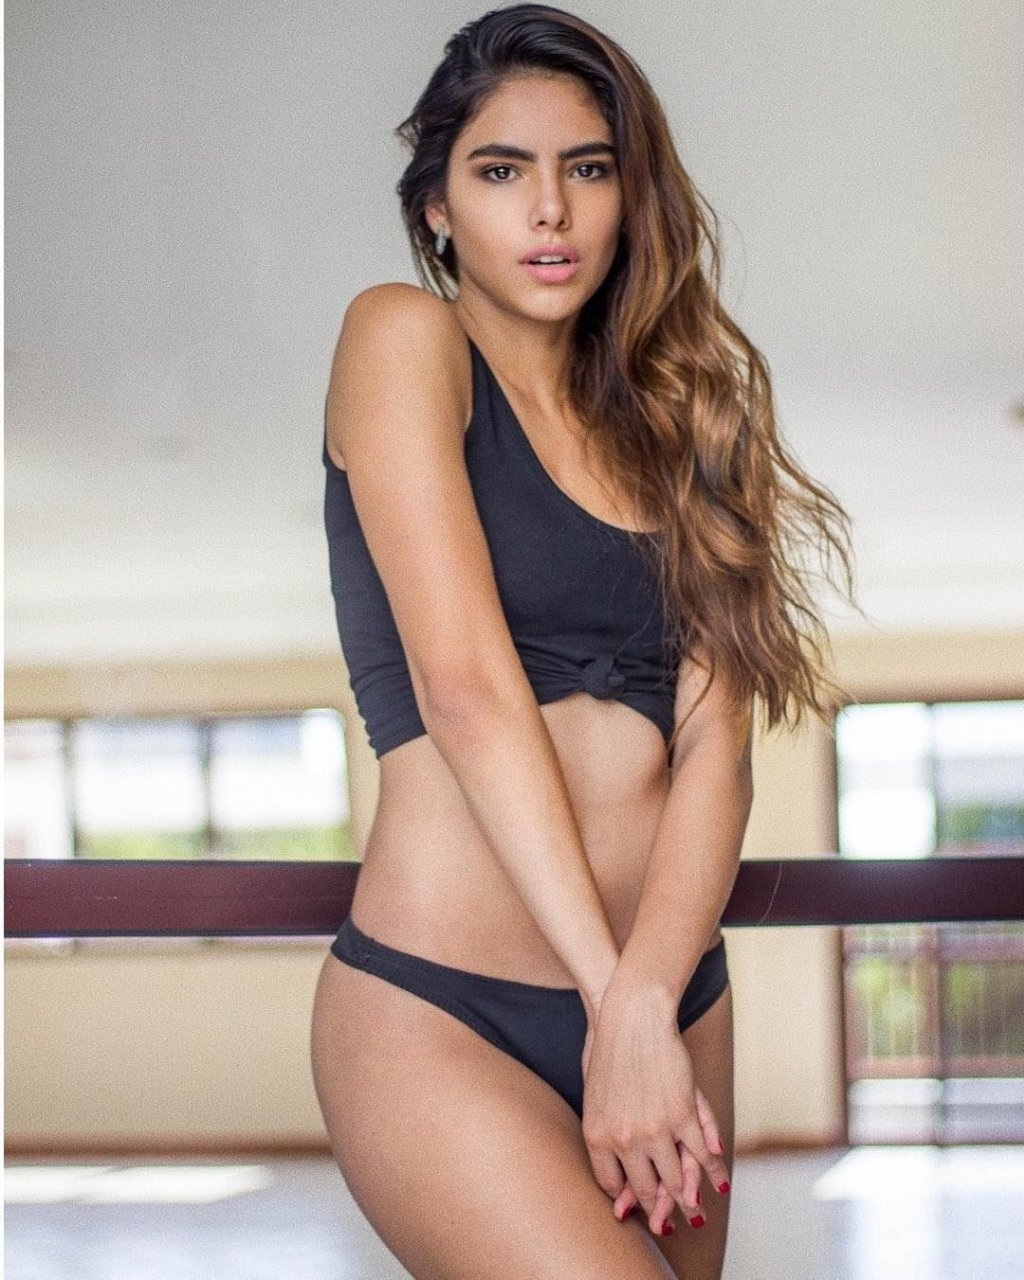 Melanie Bello Vallejos Nude Photos 37